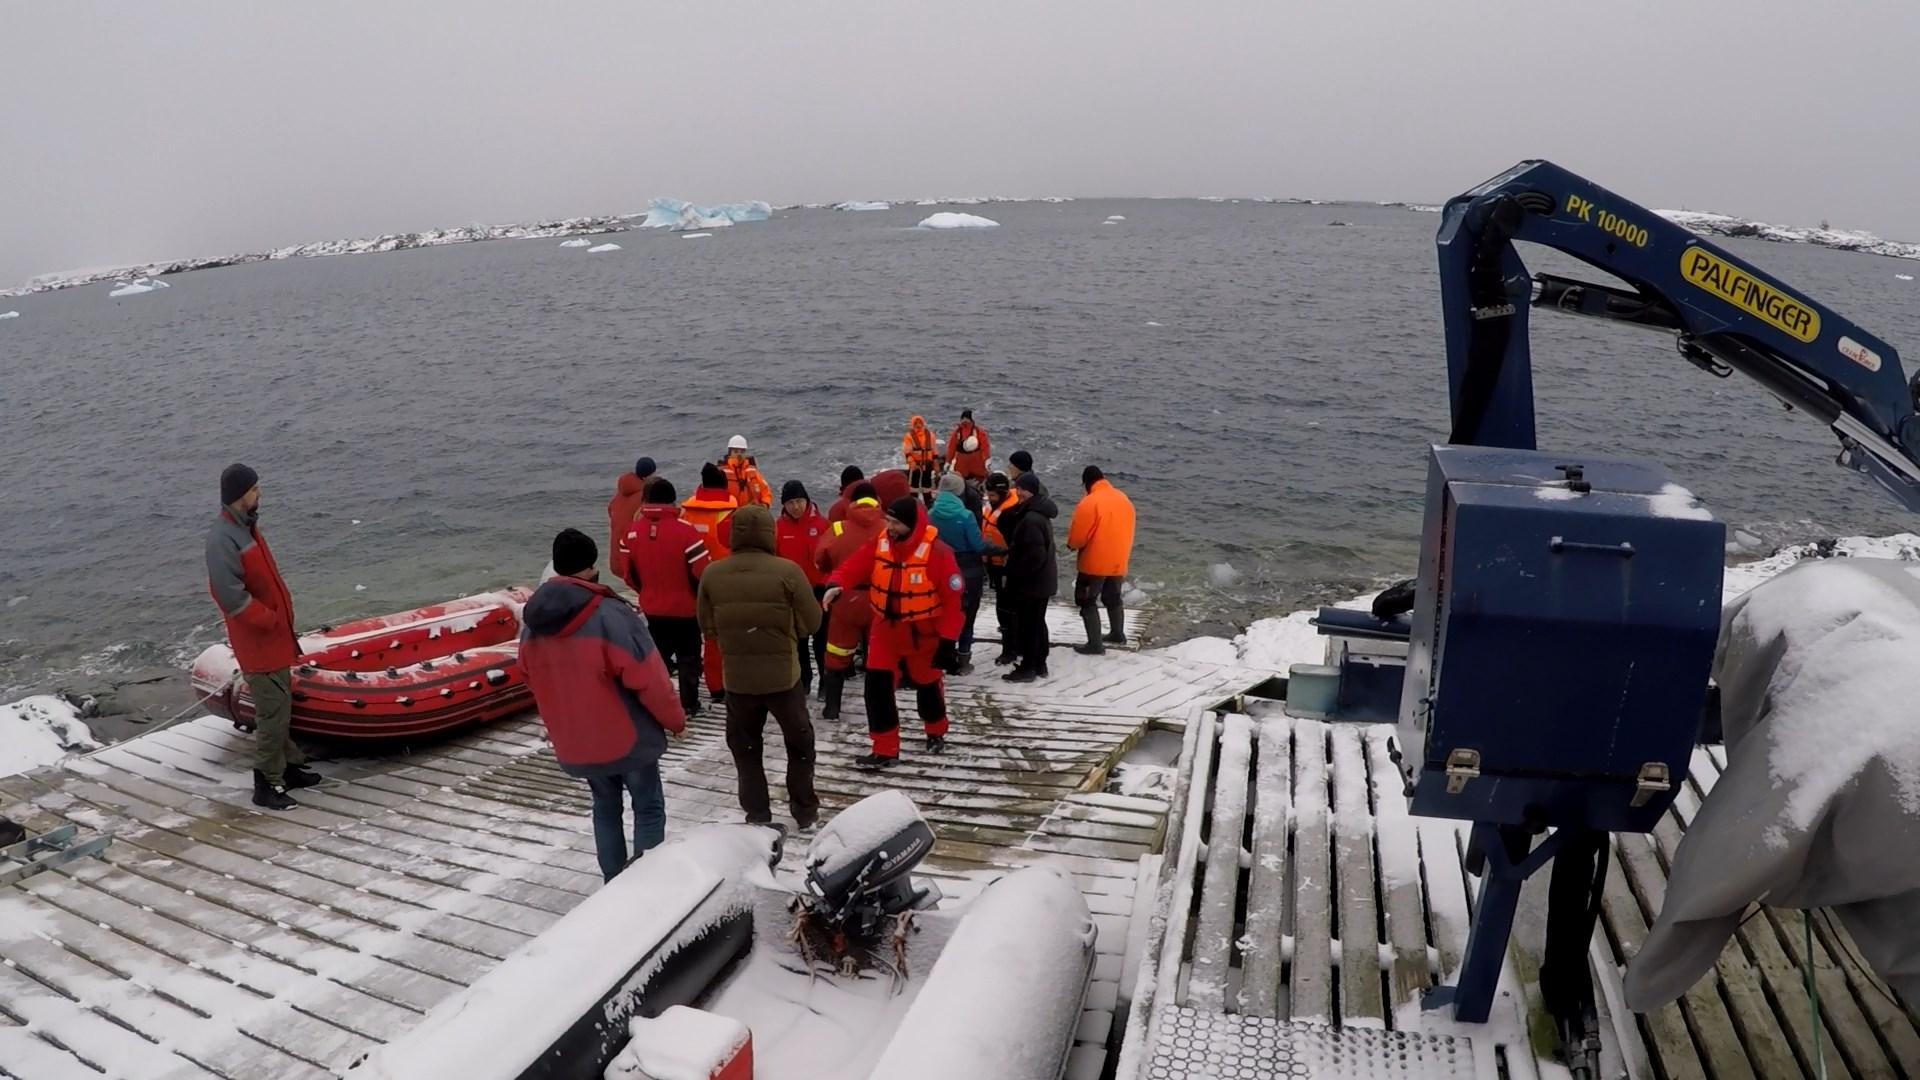 Довга дорога українських науковців до Антарктиди завершилася - Україна, Антарктида - 93576410 1353717654838108 4484859452402434048 o